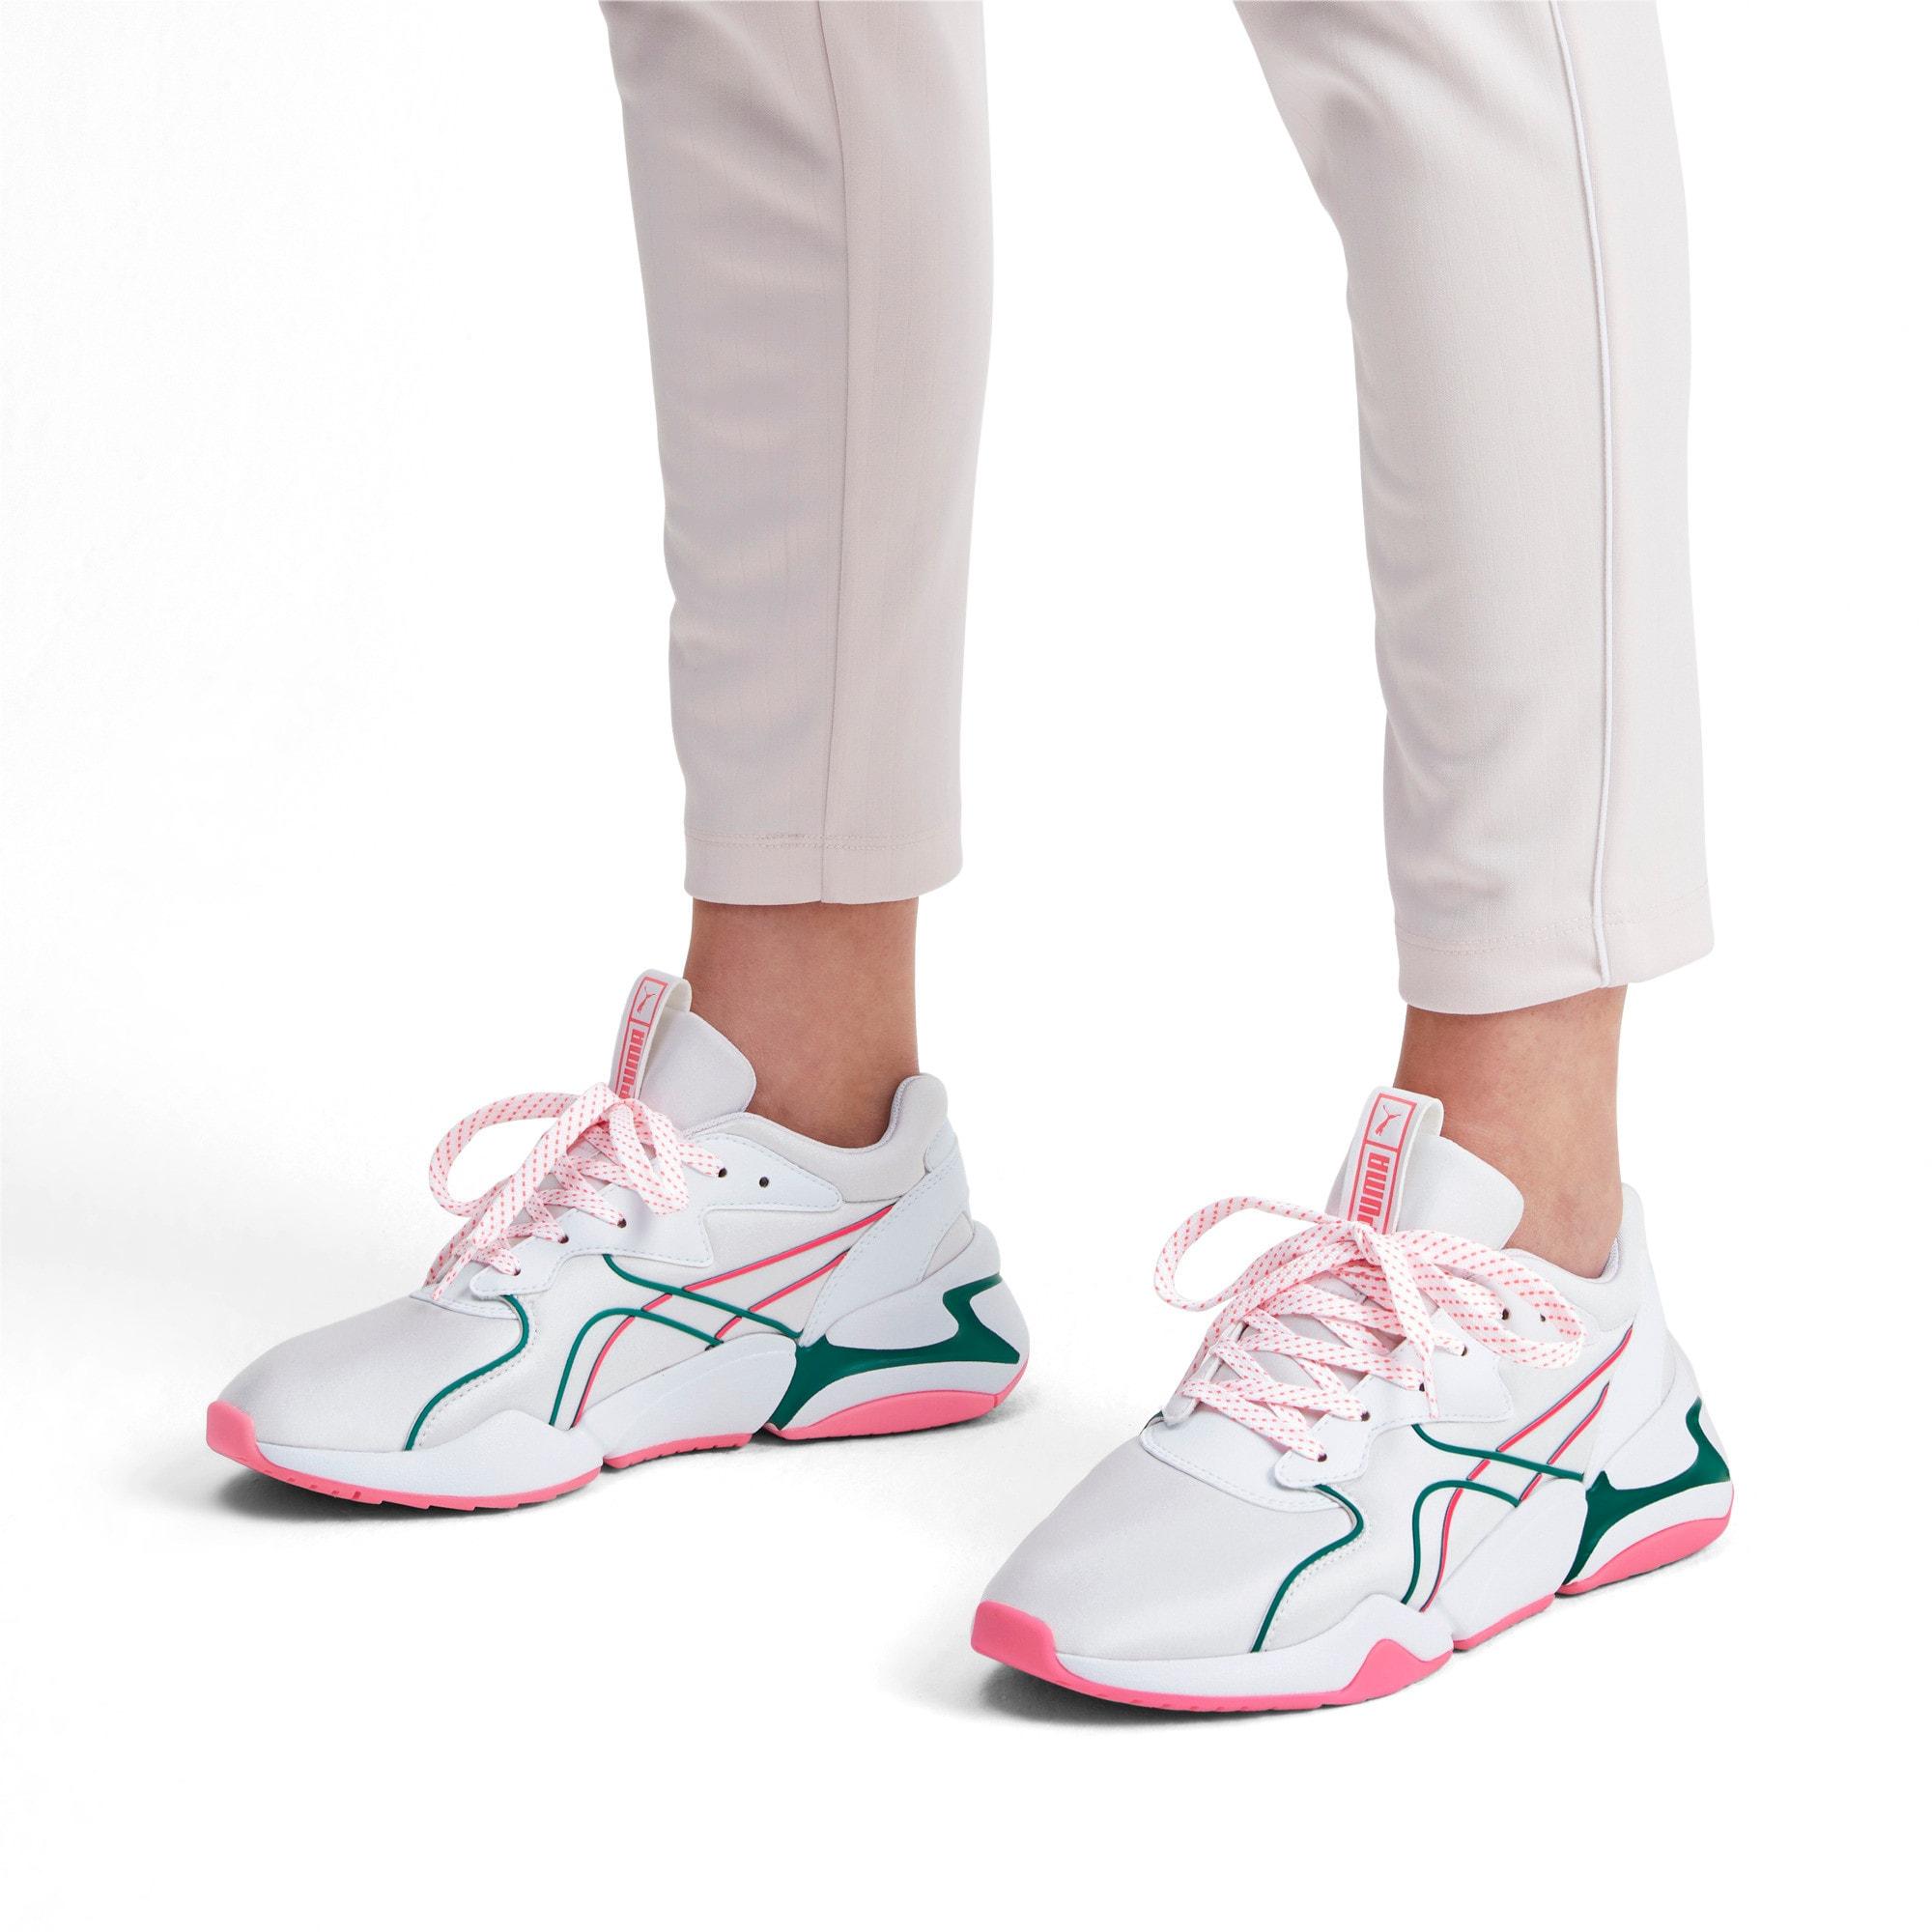 Imagen en miniatura 2 de Zapatillas de mujer Nova Hypertech IMEVA, Puma White, mediana